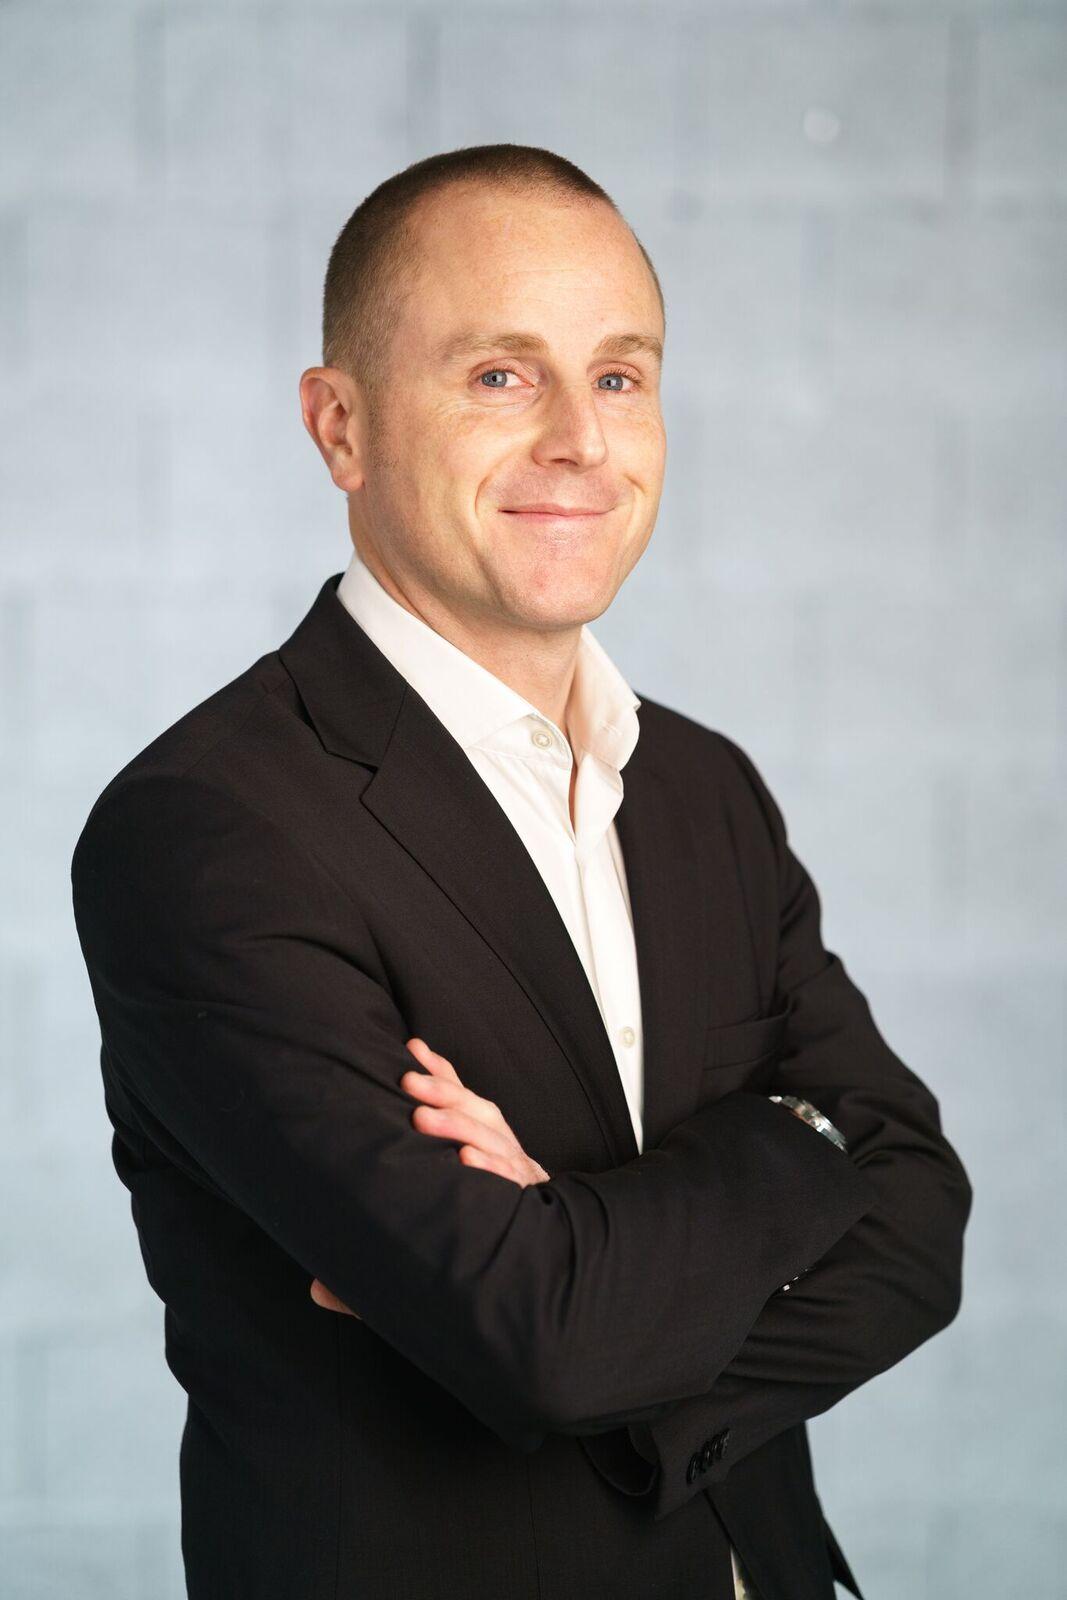 Dr. Florian Connert